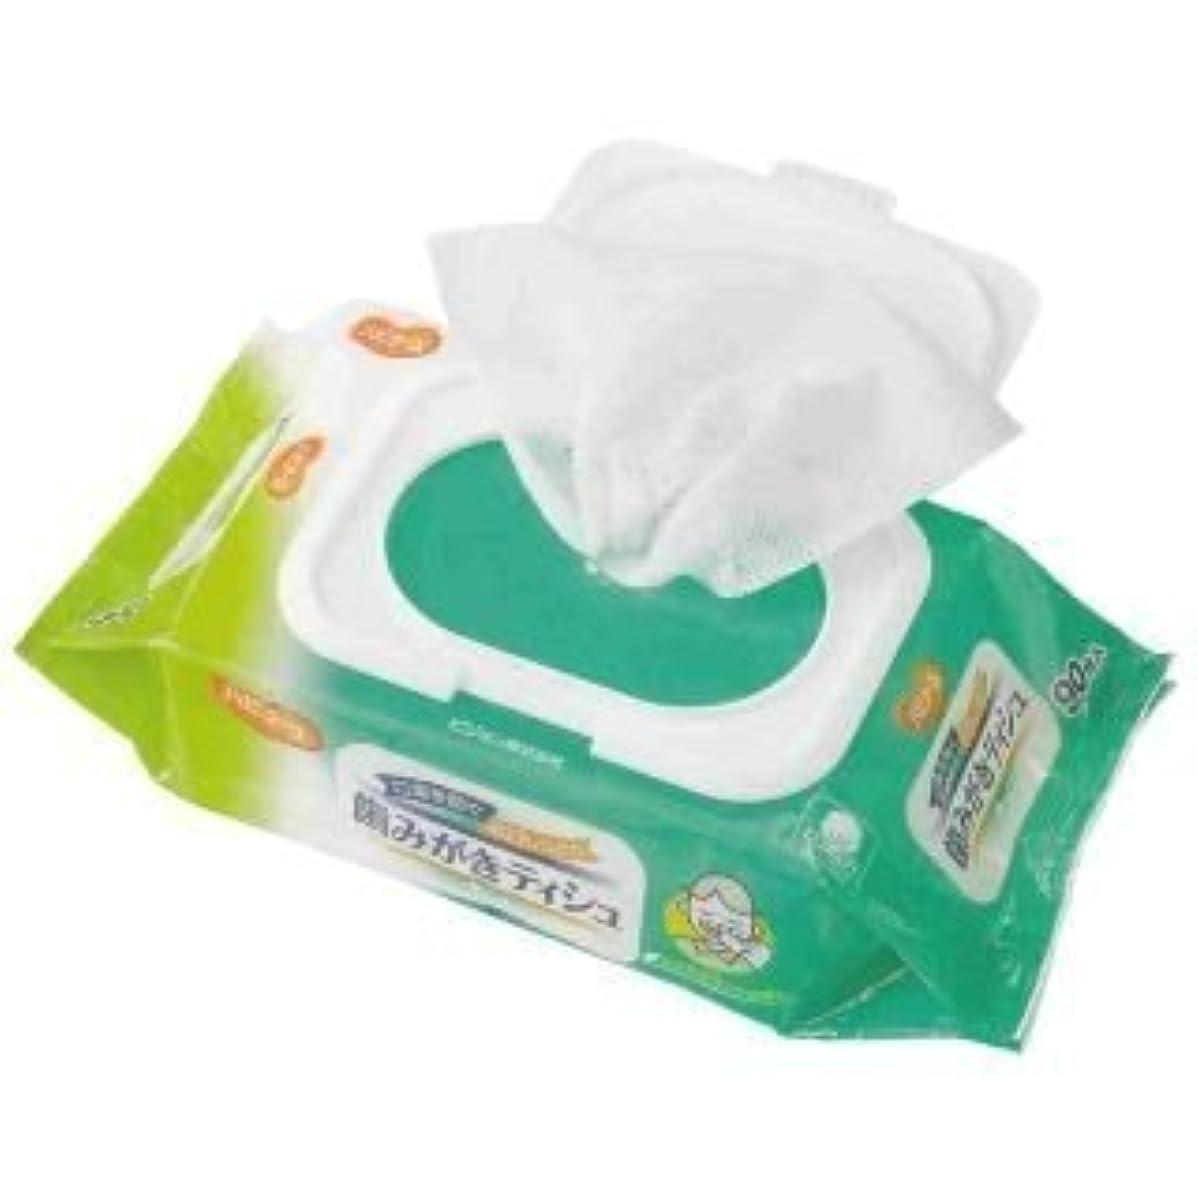 影響力のある暴露する樫の木口臭を防ぐ&お口しっとり!ふきとりやすいコットンメッシュシート!お口が乾燥して、お口の臭いが気になるときに!歯みがきティシュ 90枚入